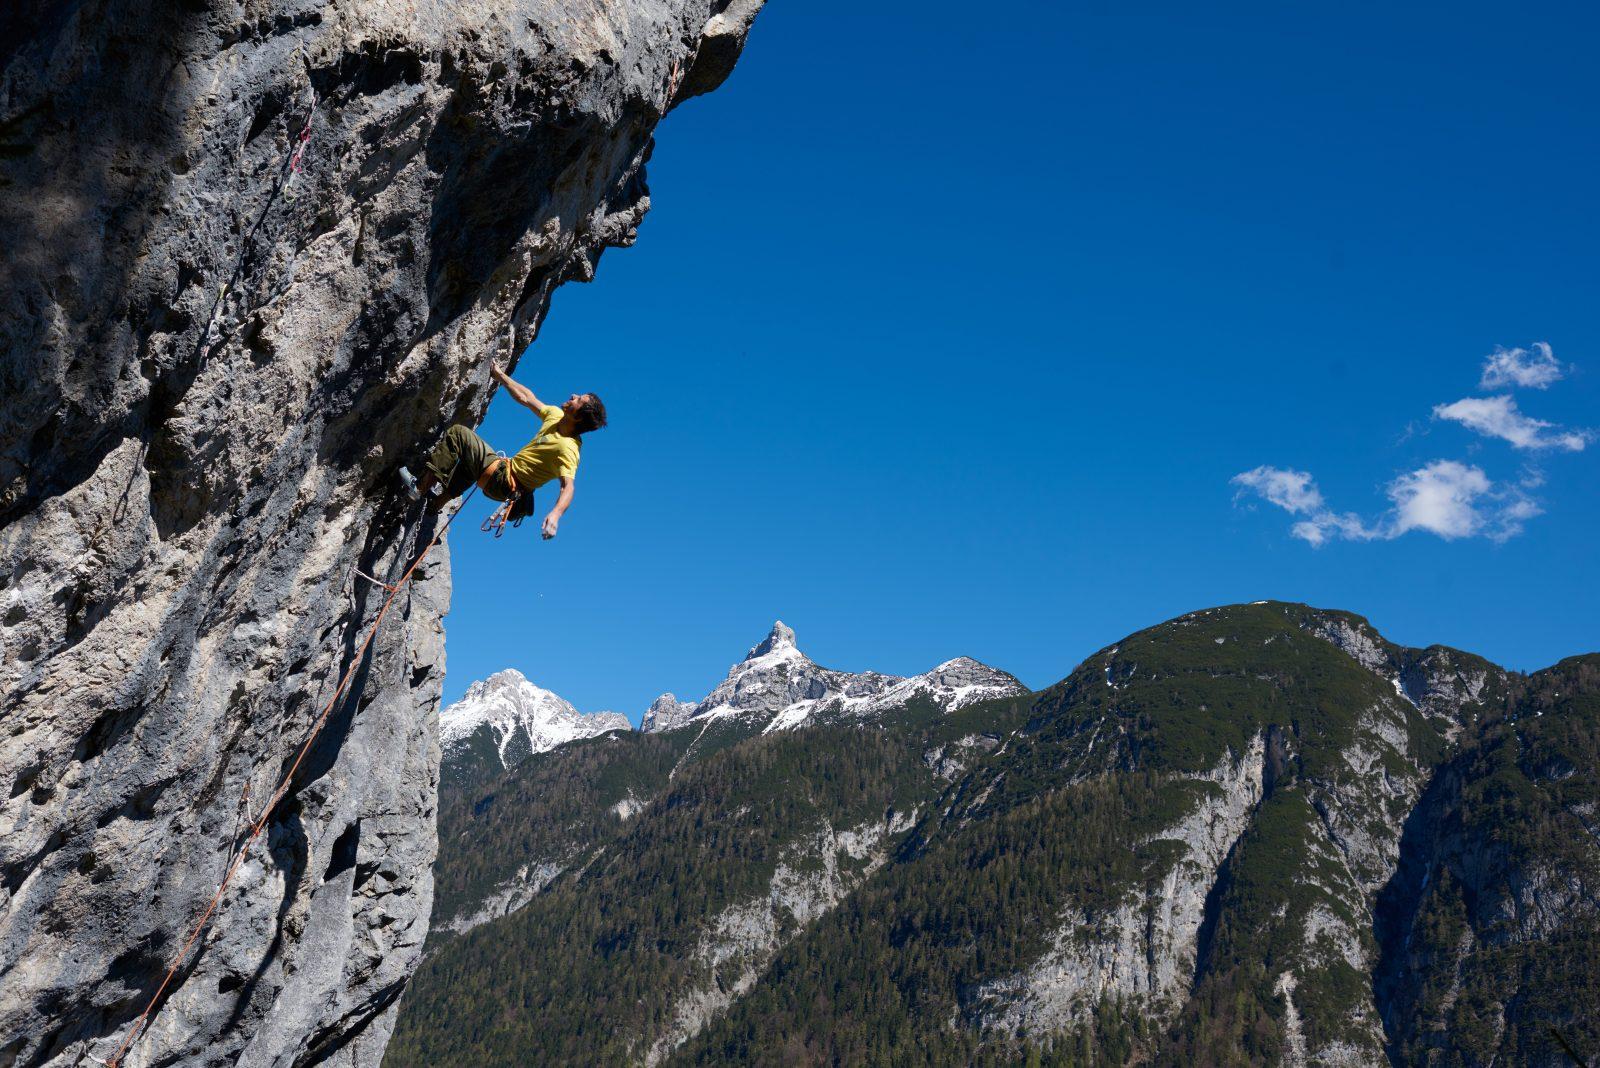 Klettergarten Chinesischer Mauer bei Leutasch am Seefelder Plateau, Foto: Michael Meisl |Climbers Paradise